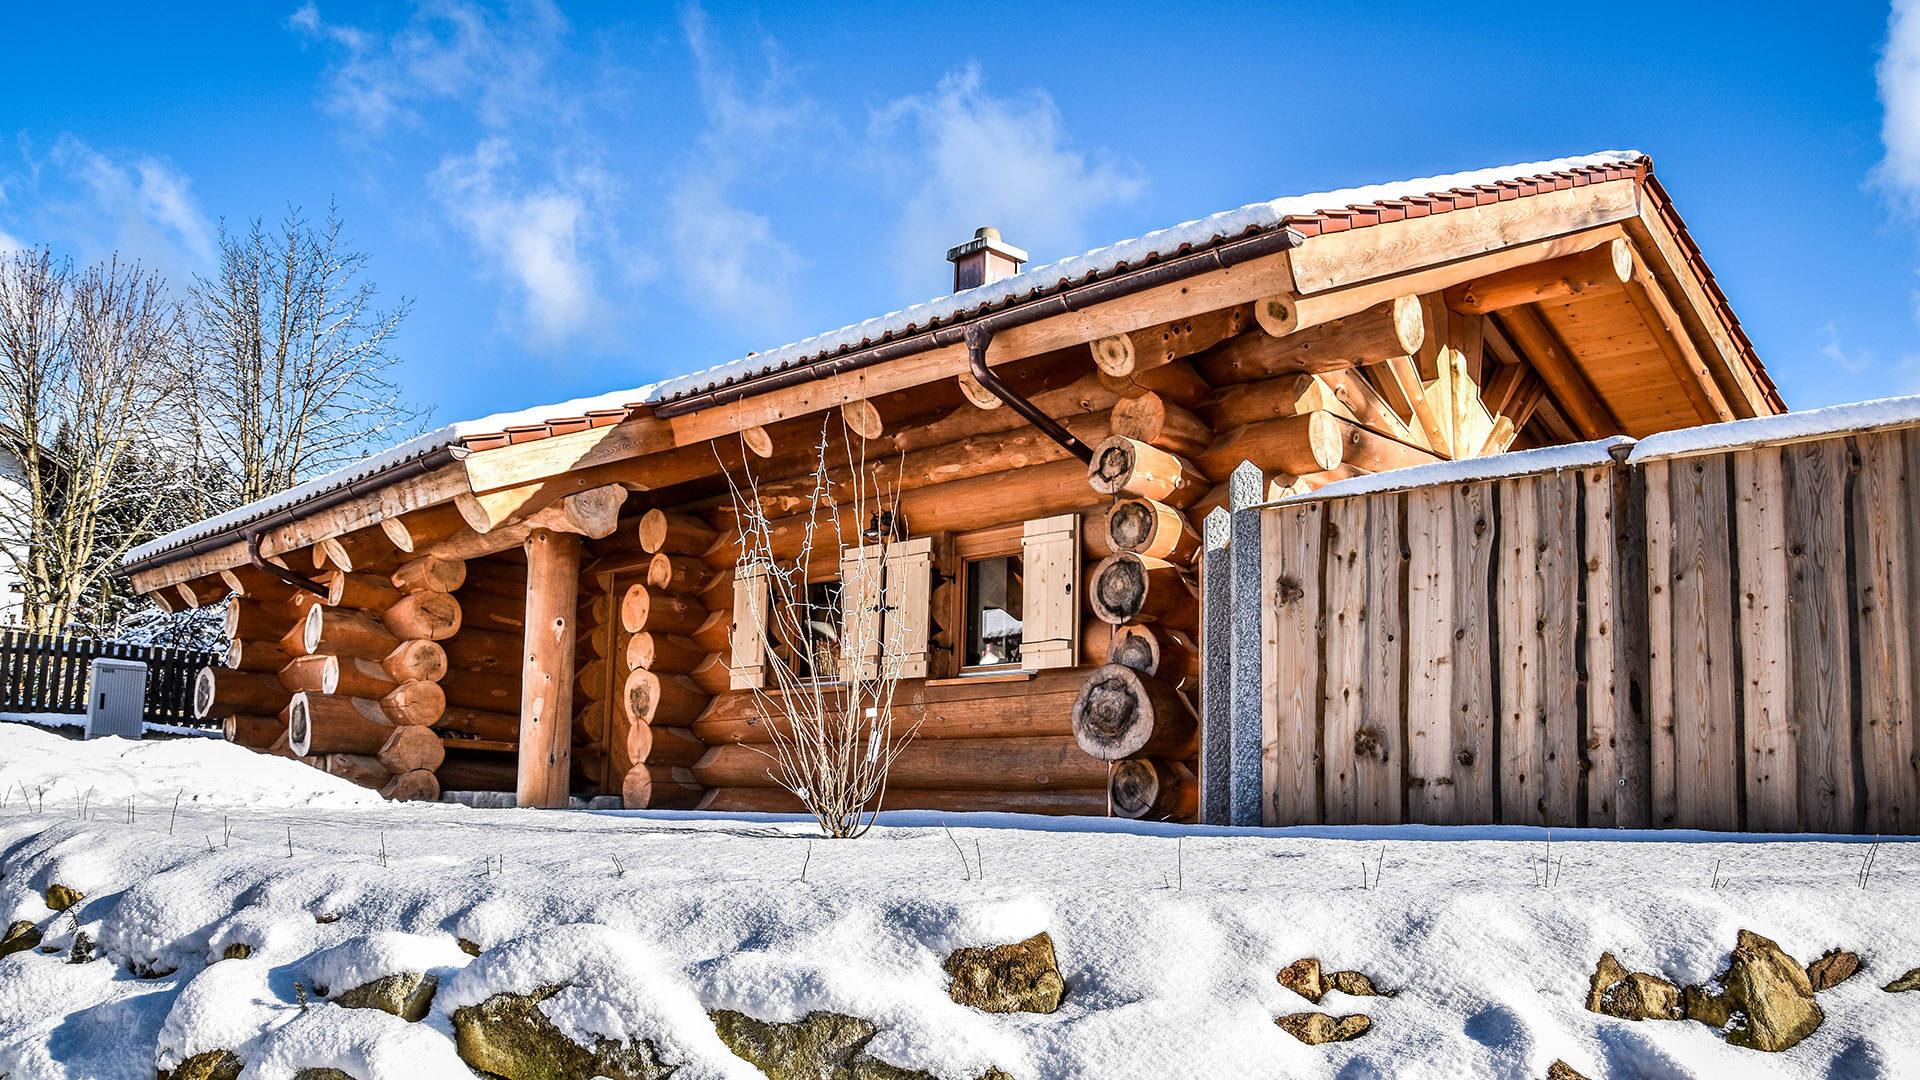 Chalet Enzian Bayerwald Urlaub Tourismus Bayerischer Wald Wellness